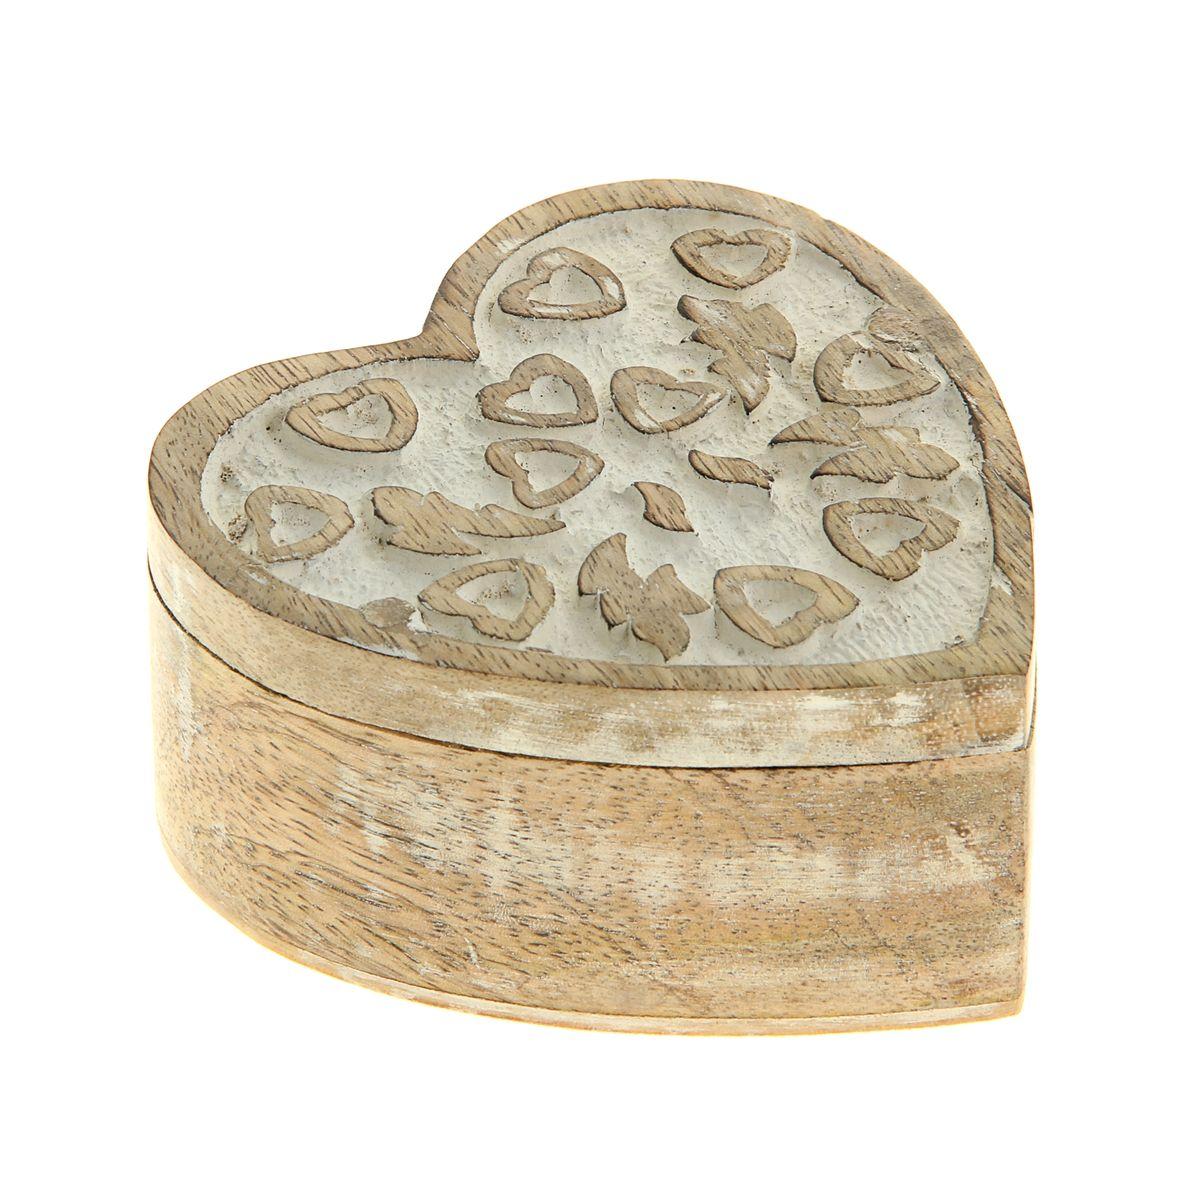 Шкатулка Sima-land Амур, 10 х 10 х 4,5 см25051 7_зеленыйШкатулка Sima-land Амур изготовлена из дерева - натурального материала, словно пропитанного теплом яркого солнца. Изделие выполнено в форме сердца. Резная крышка украшена узором в виде сердечек. Внутри одно отделение. Такая шкатулка - не простой сувенир. Ее функция не только декоративная, но и сугубо практическая - служить удобным и надежным местом для хранения самых разных мелочей. Разумеется, особо неравнодушны к этим элегантным предметам интерьера женщины. Мастерицы кладут в шкатулки швейные и рукодельные принадлежности. Модницы и светские львицы - любимые украшения и аксессуары. И, конечно, многие представительницы прекрасного пола хранят в шкатулках, убранных в укромный уголок, какие-то памятные знаки: фотографии, старые письма, сувениры, напоминающие о важных событиях и особо счастливых моментах, сухие лепестки роз и другие небольшие сокровища.